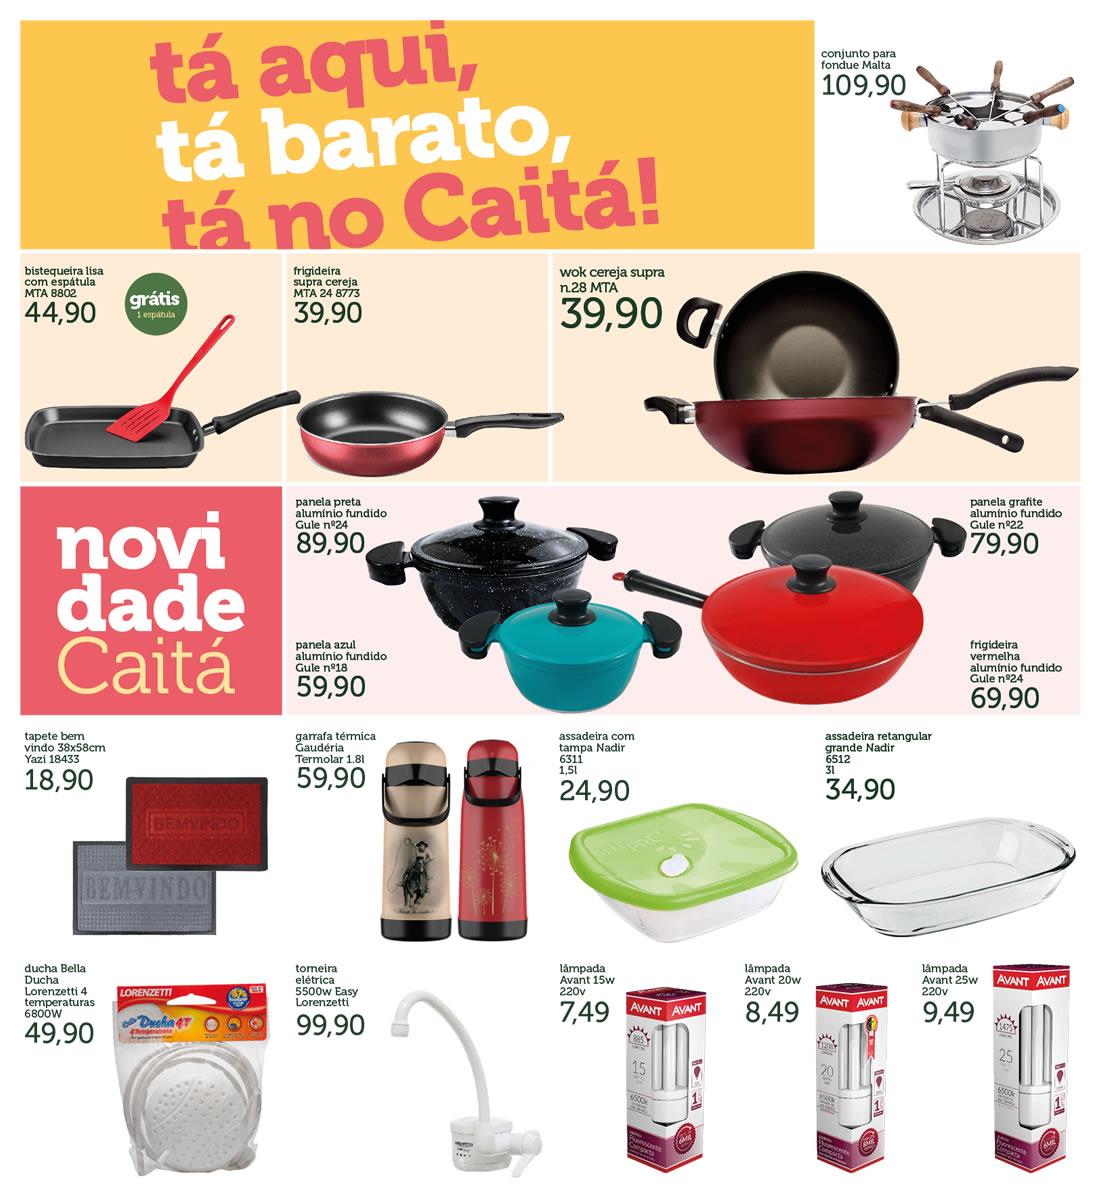 caita_supermercados_tabloide_bento_julho2018_15